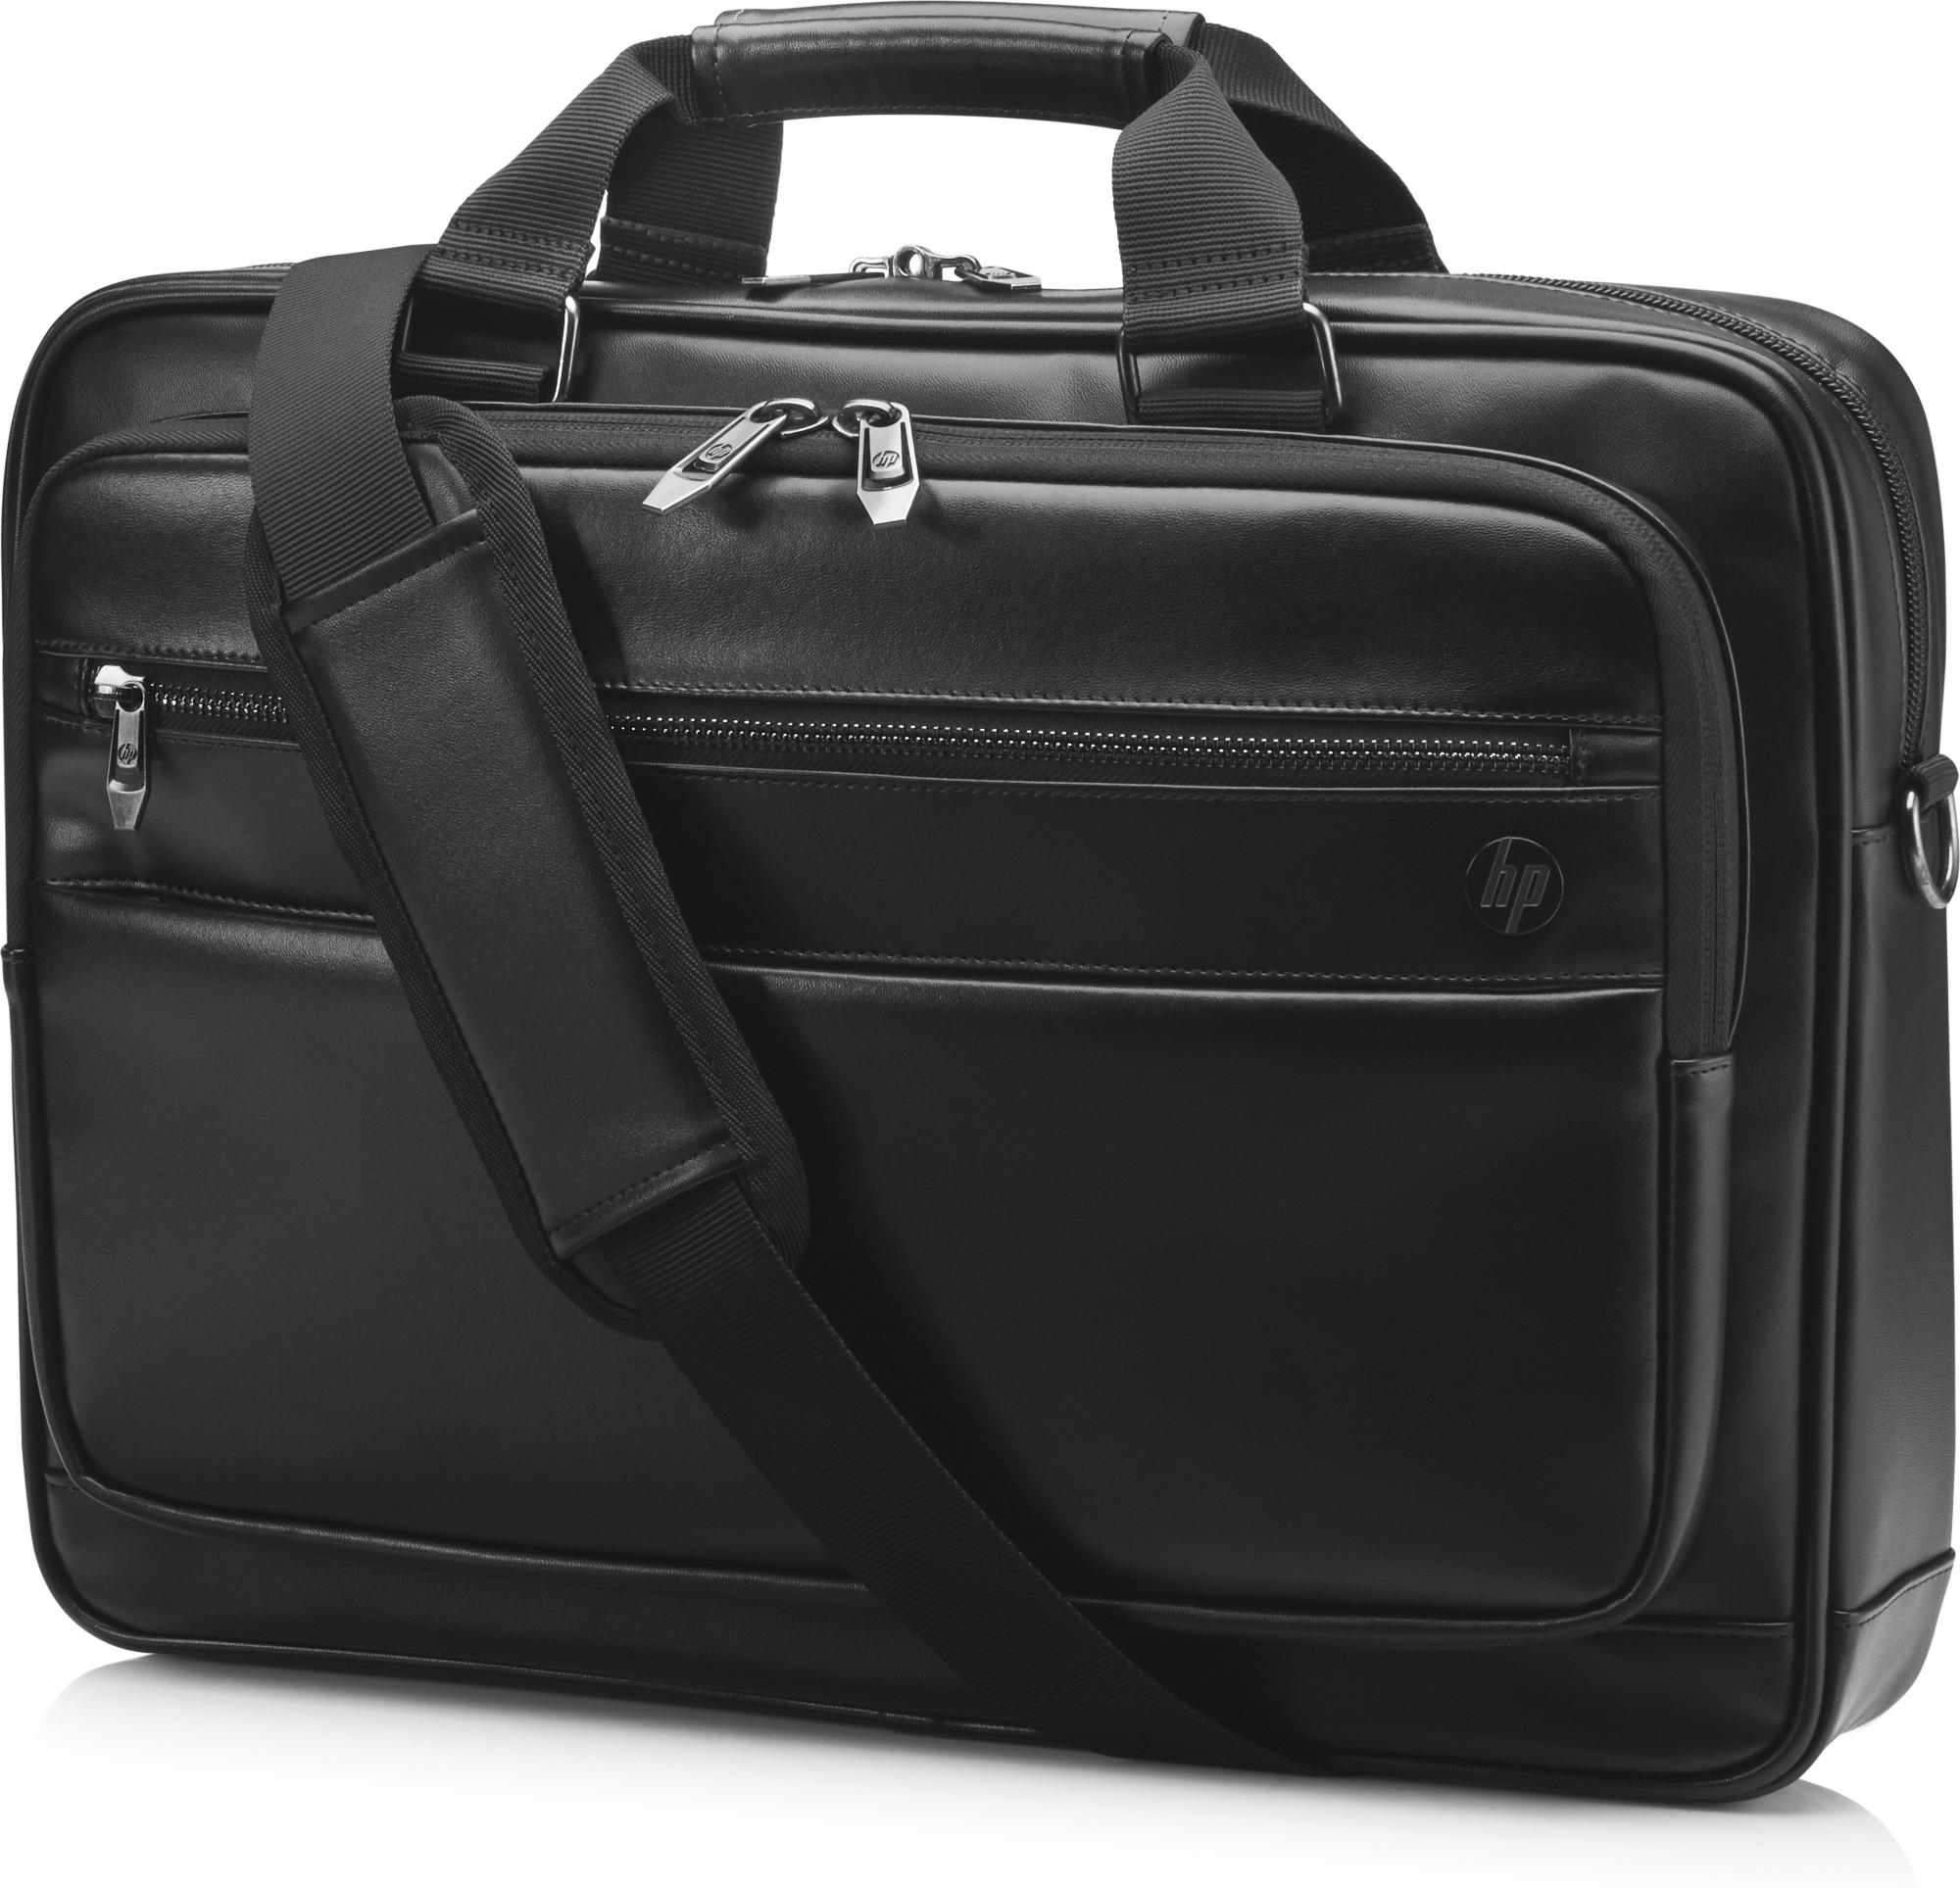 HP Executive notebook case 39.6 cm (15.6